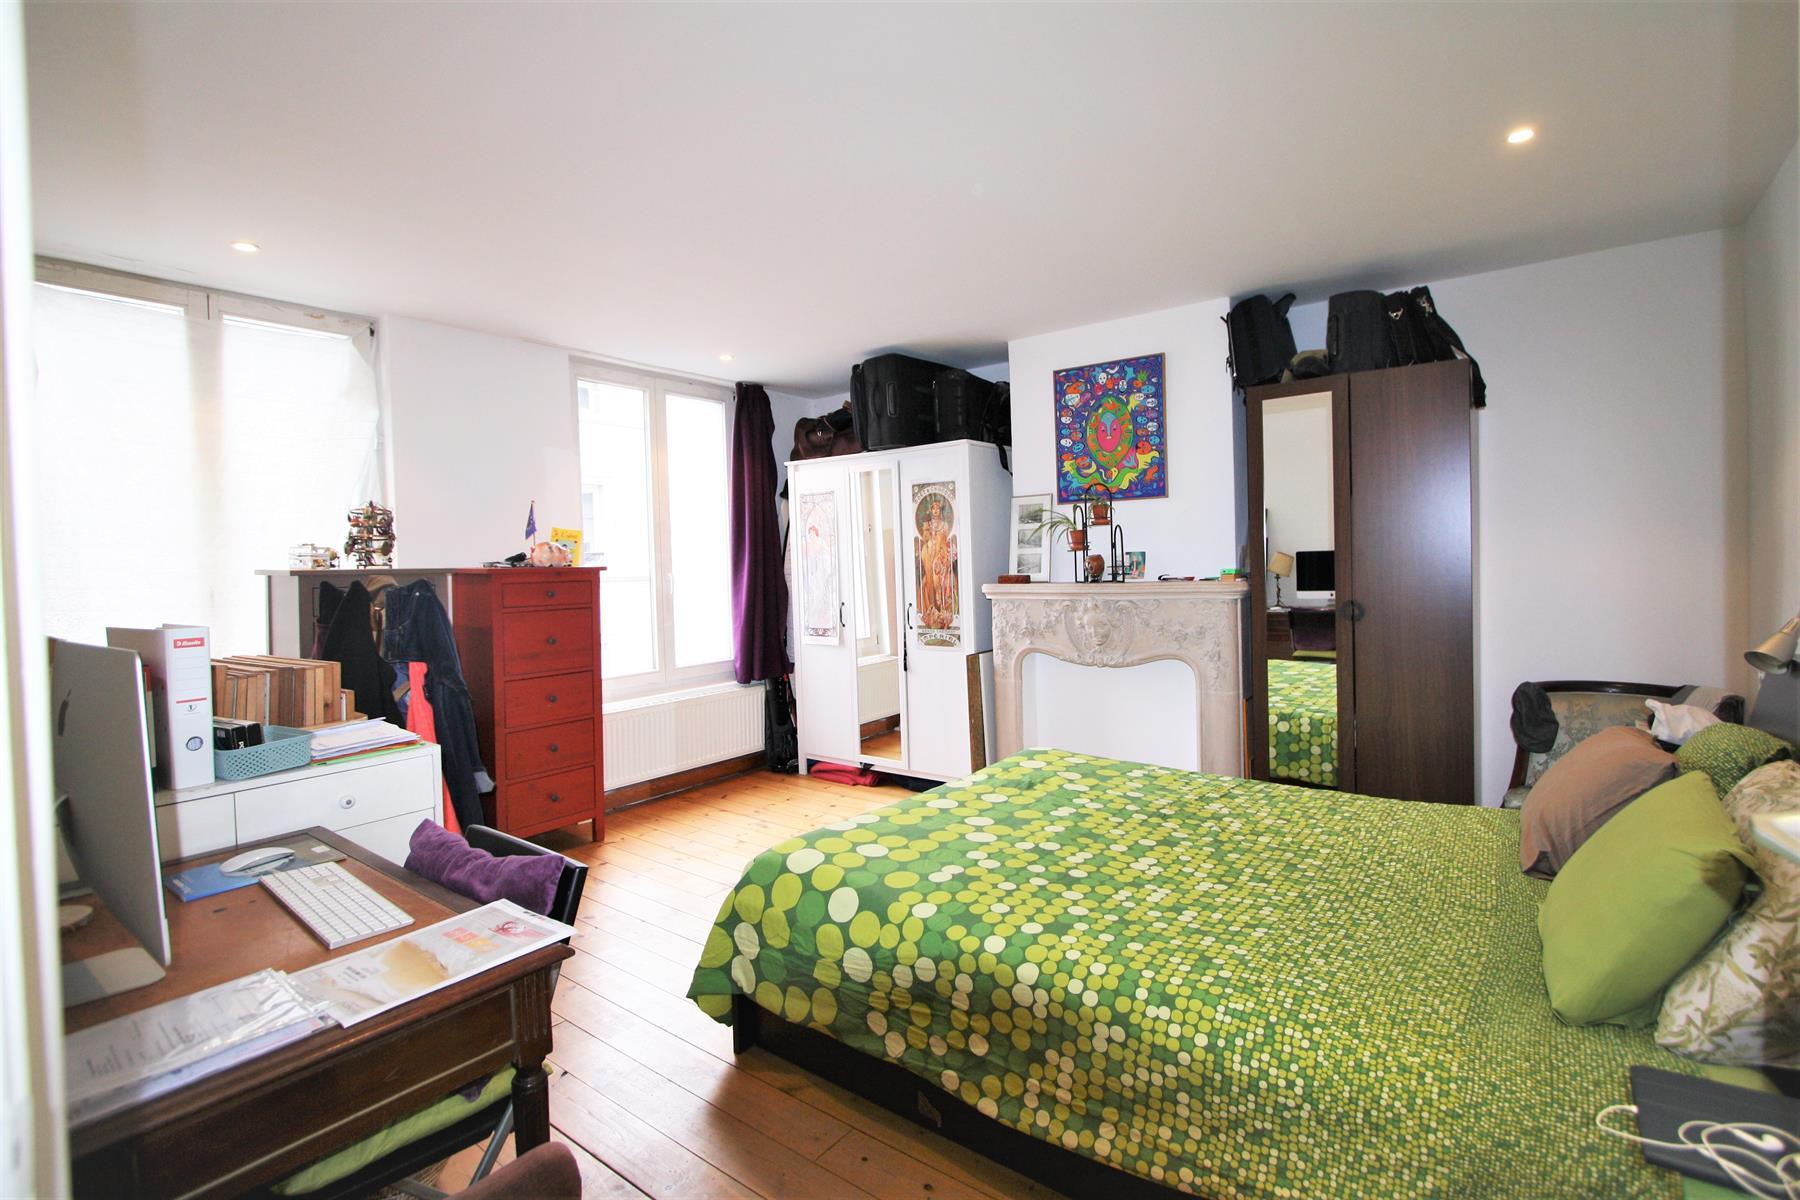 Duplex - Ixelles - #4131453-1